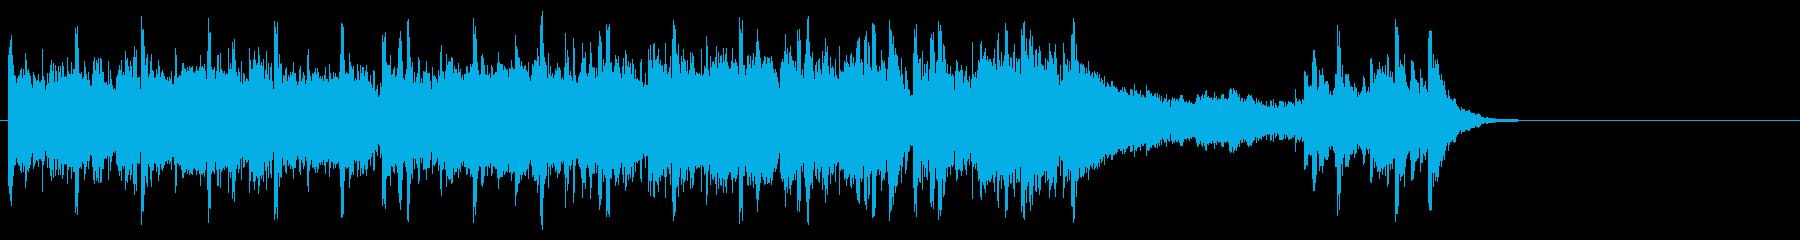 軽快なフュージョン(サビ~エンディング)の再生済みの波形